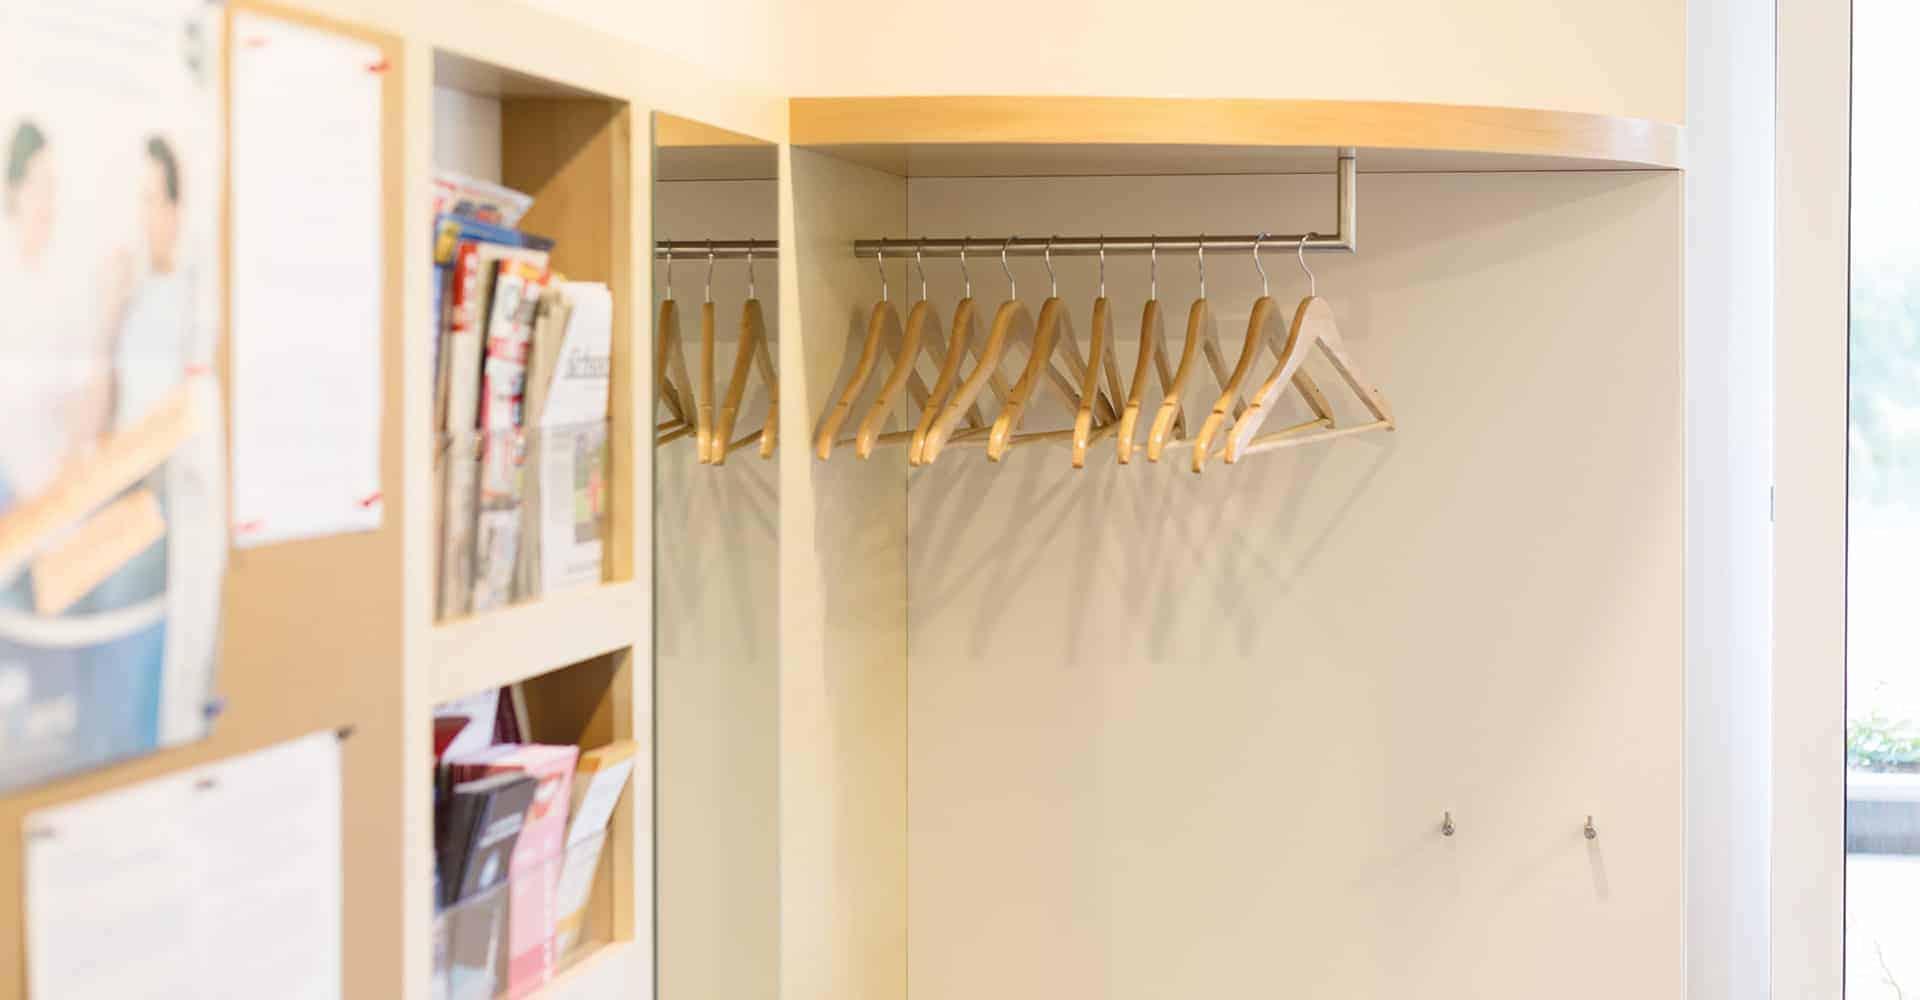 ZAHNARZTPRAXIS WEIGMANN | INNENAUSBAU ZAHNARZTPRAXIS DRESDEN | Umgestaltung Wartezimmer einer Zahnarztpraxis. Die Zahnärztin Frau Weigmann wünschte sich eine geordnete Präsenation der Vielzahl an Informationsbroschüren und Flyer. Dafür sollte ein individuelles Möbelstück kreiert und hergestellt werden. Eine Herausforderung war auch die Beschichtung der Wand- und Deckenflächen in den kompletten Praxisräumen. Dabei war wichtig, dass alle Einbaumöbel besonders geschützt werden.